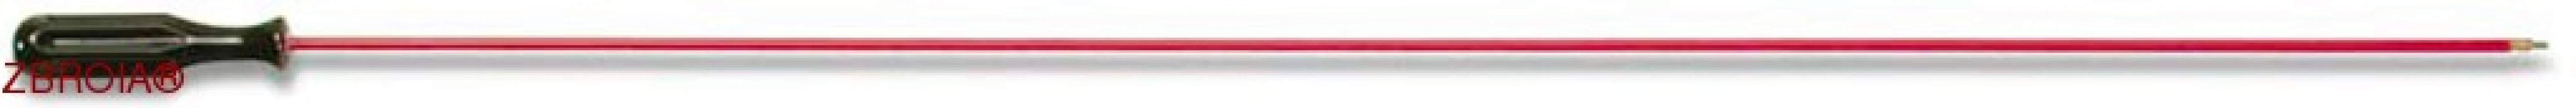 Шомпол Stil Crin стальной в пластике (кал. 5 мм, цельный)